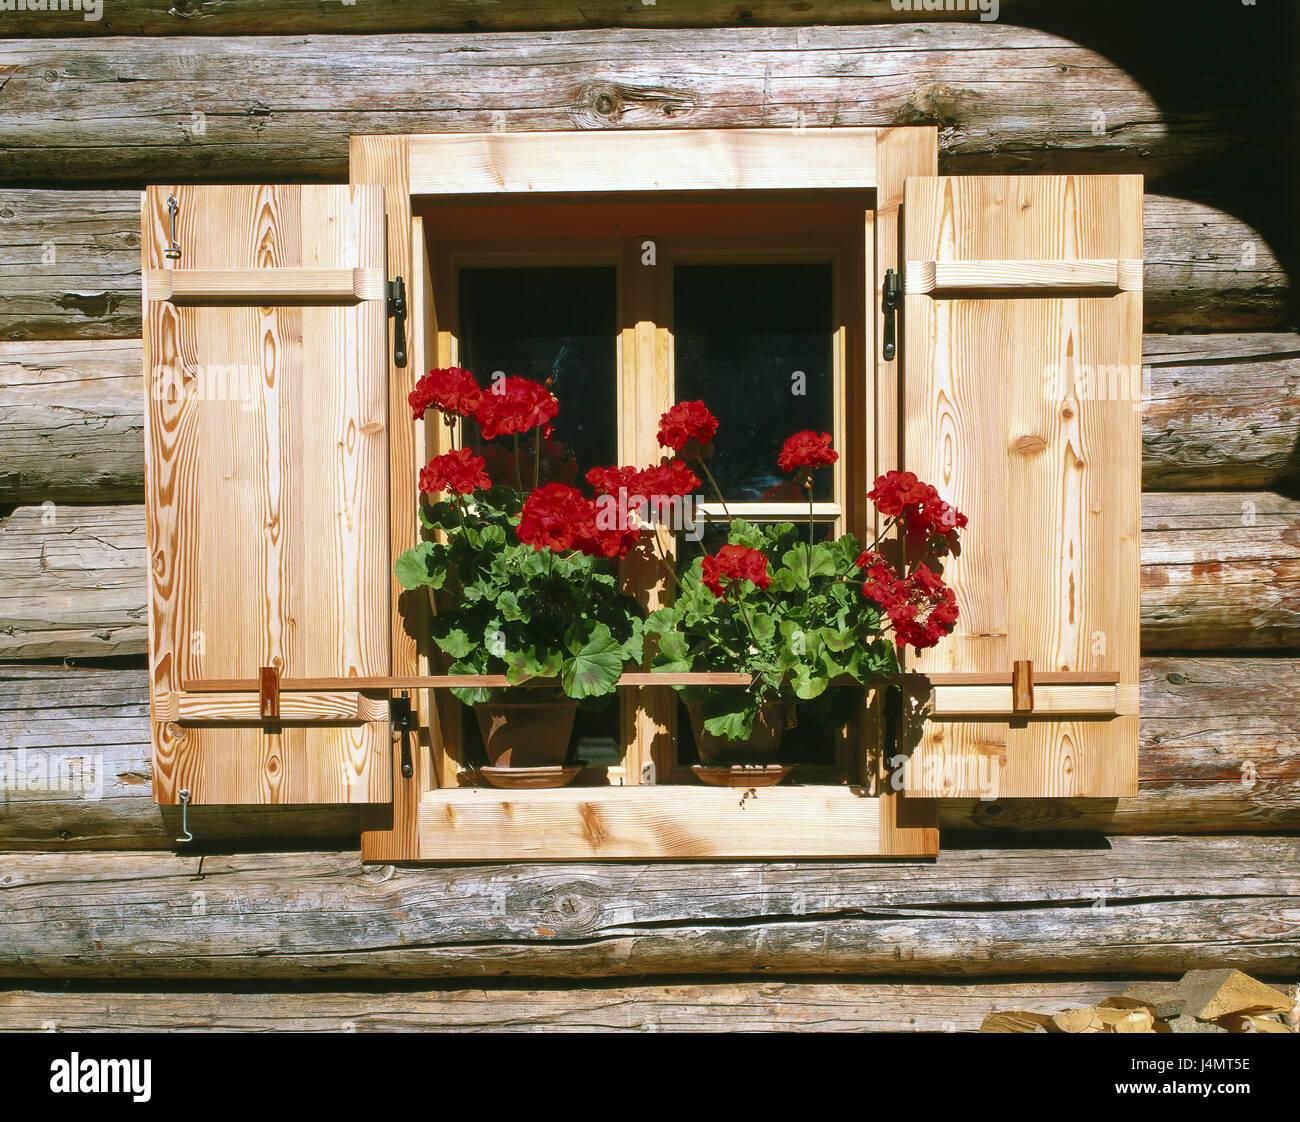 bauernhaus holzfassade detail fenster geranien europa sterreich salz kammer eigenschaft. Black Bedroom Furniture Sets. Home Design Ideas